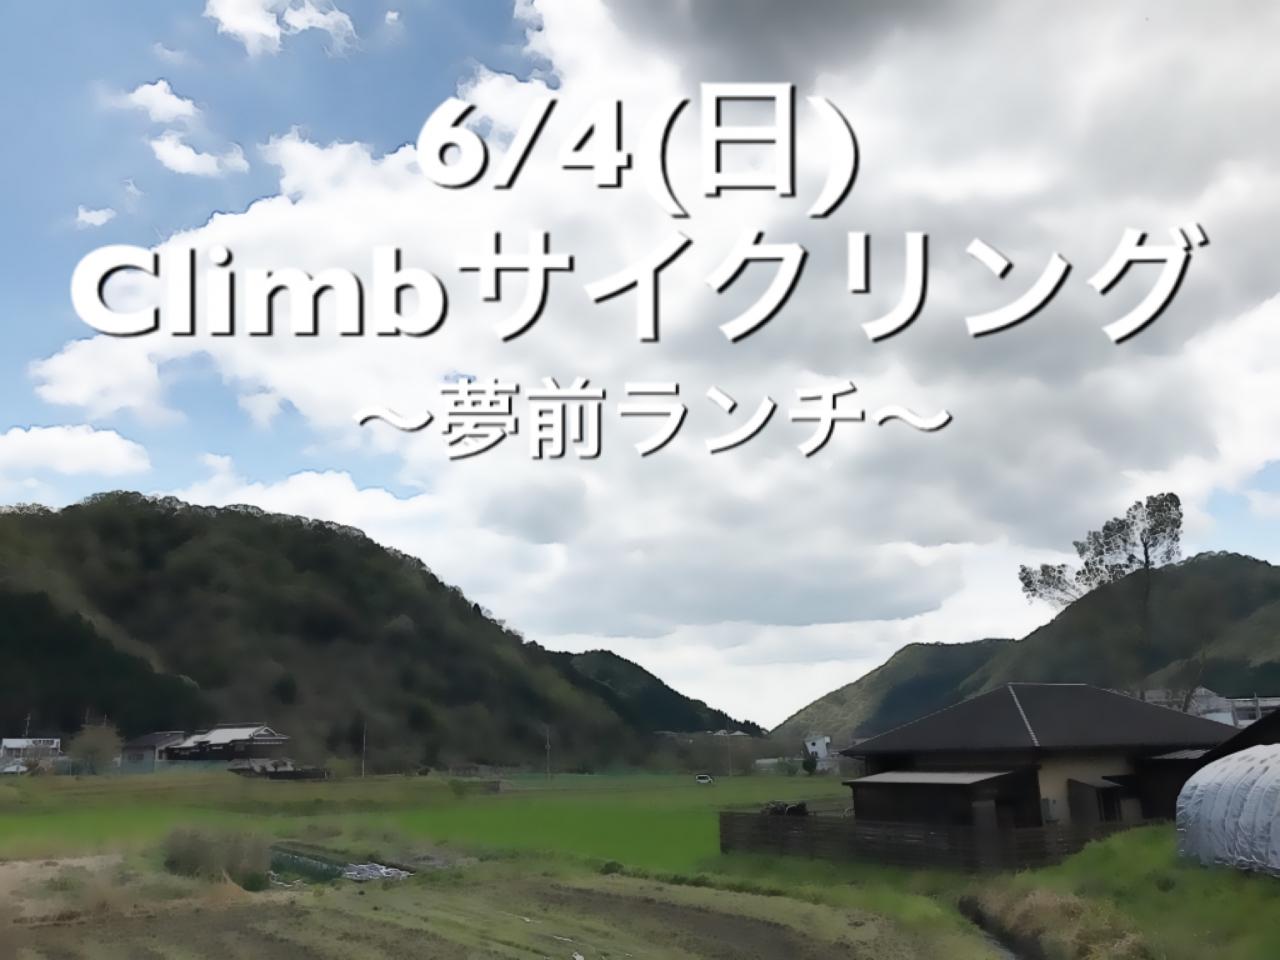 6/4 Climbサイクリング夢前 🍵カフェDEランチ🍚 募る!